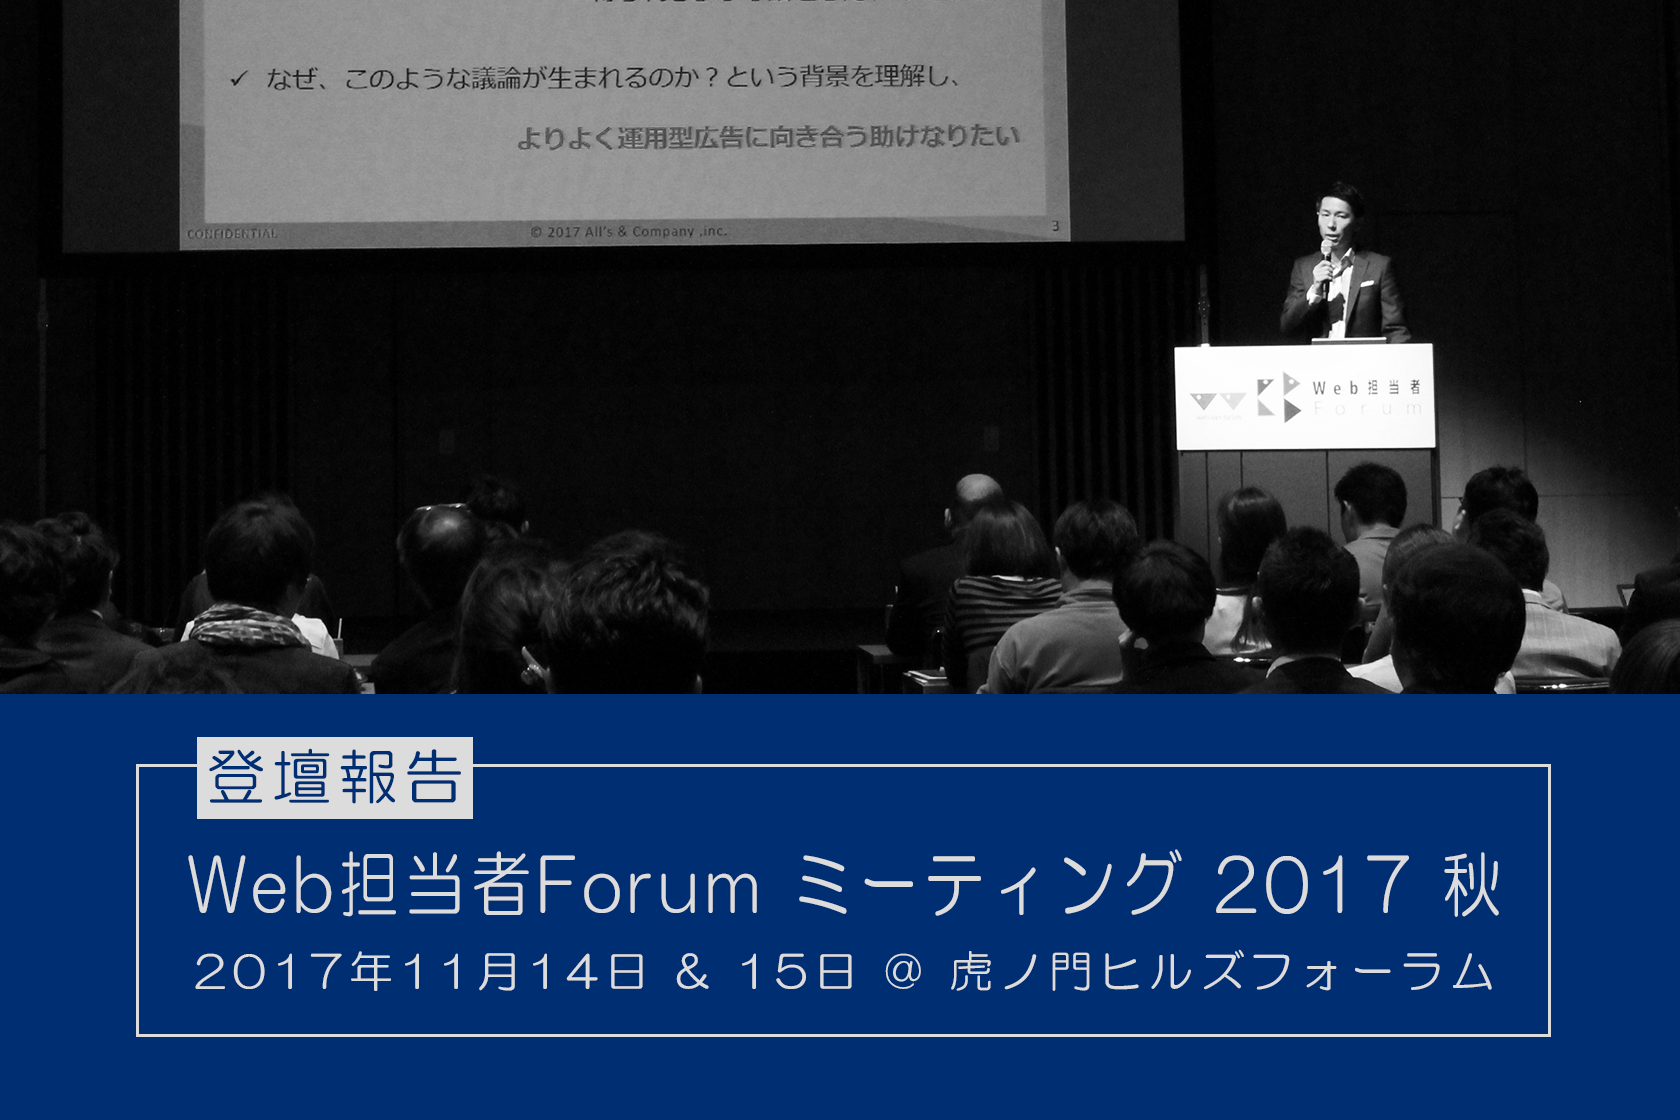 『Web担当者Forum ミーティング 2017 秋』に登壇しました